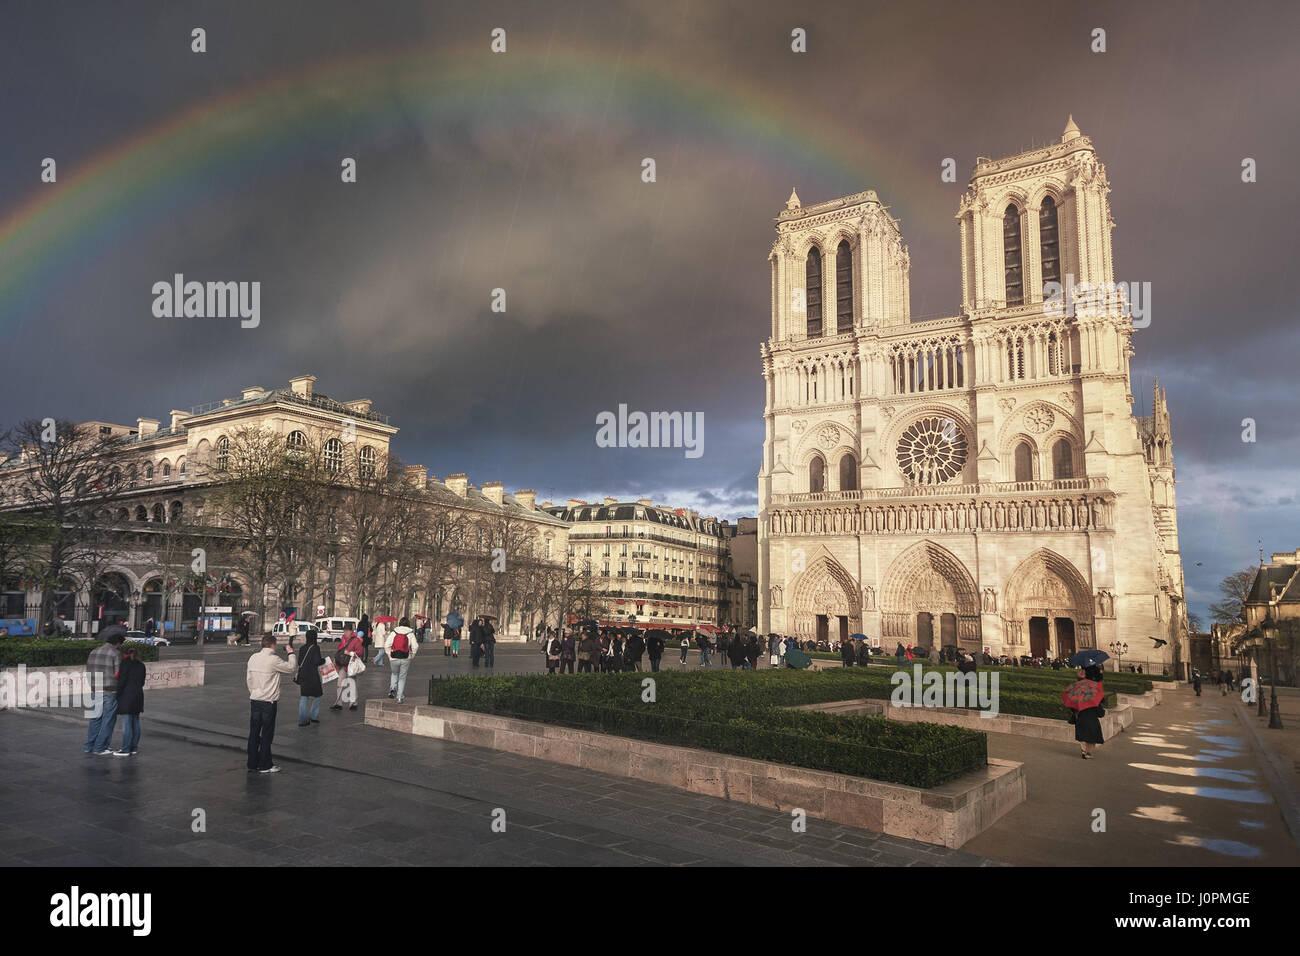 Rain and a rainbow over Cathédrale Notre-Dame de Paris. France Stock Photo